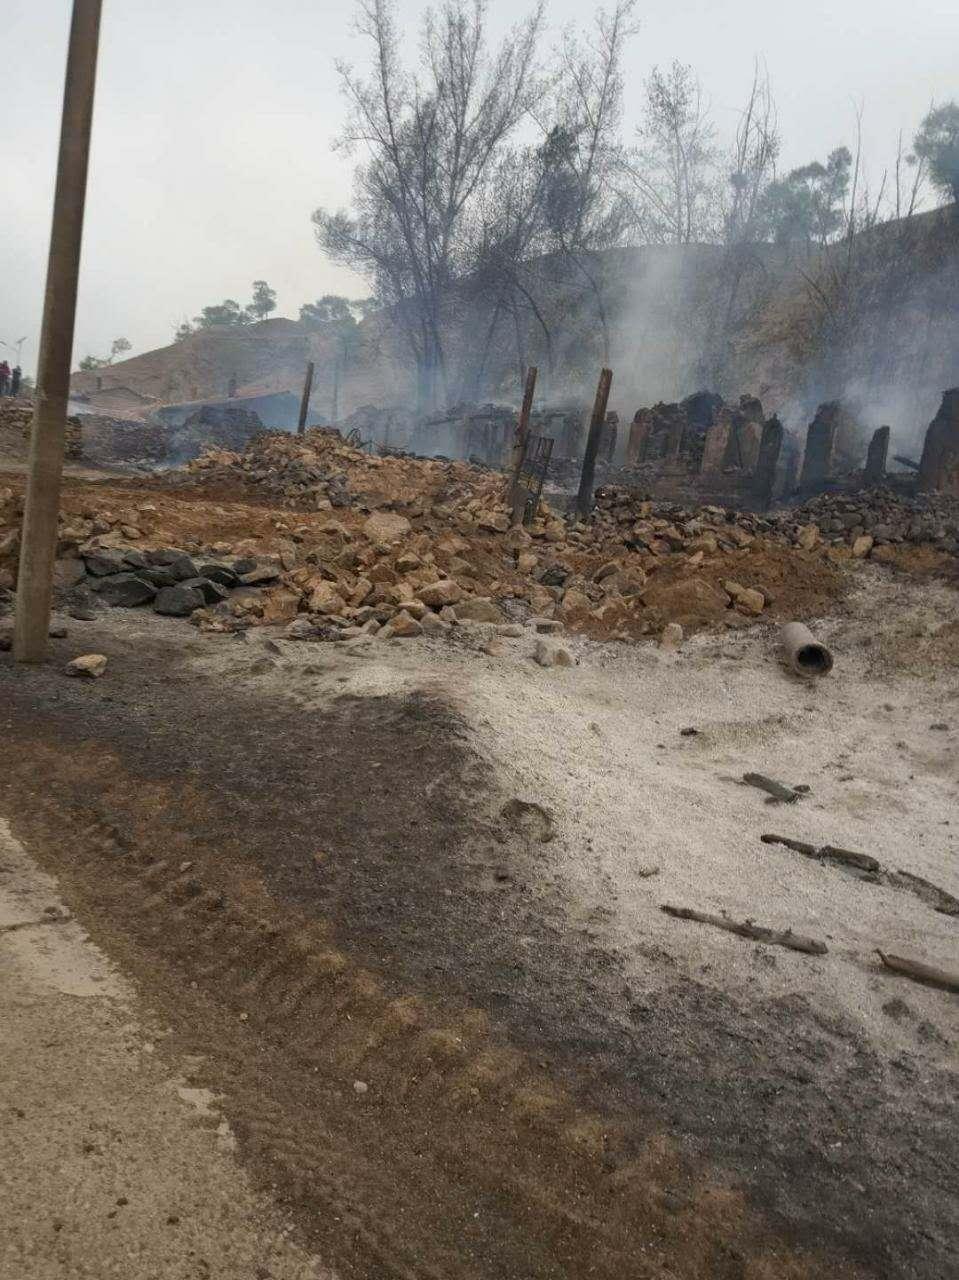 山西右玉两村民燃烧秸秆致四死 包括邻居两夫妻